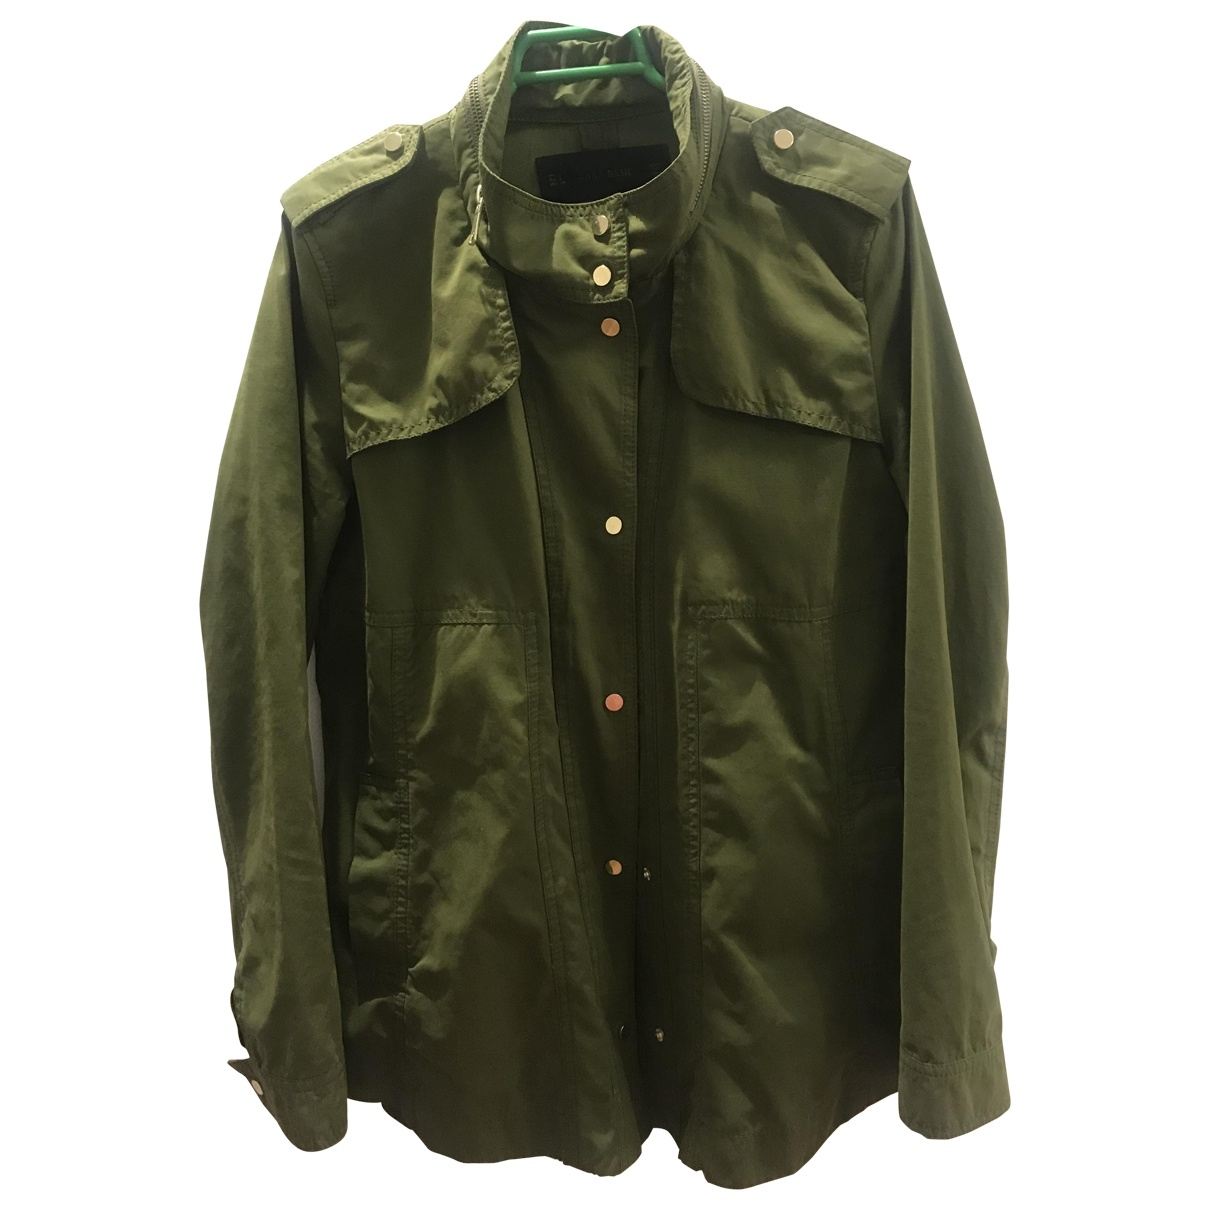 Zara \N Green jacket for Women S International